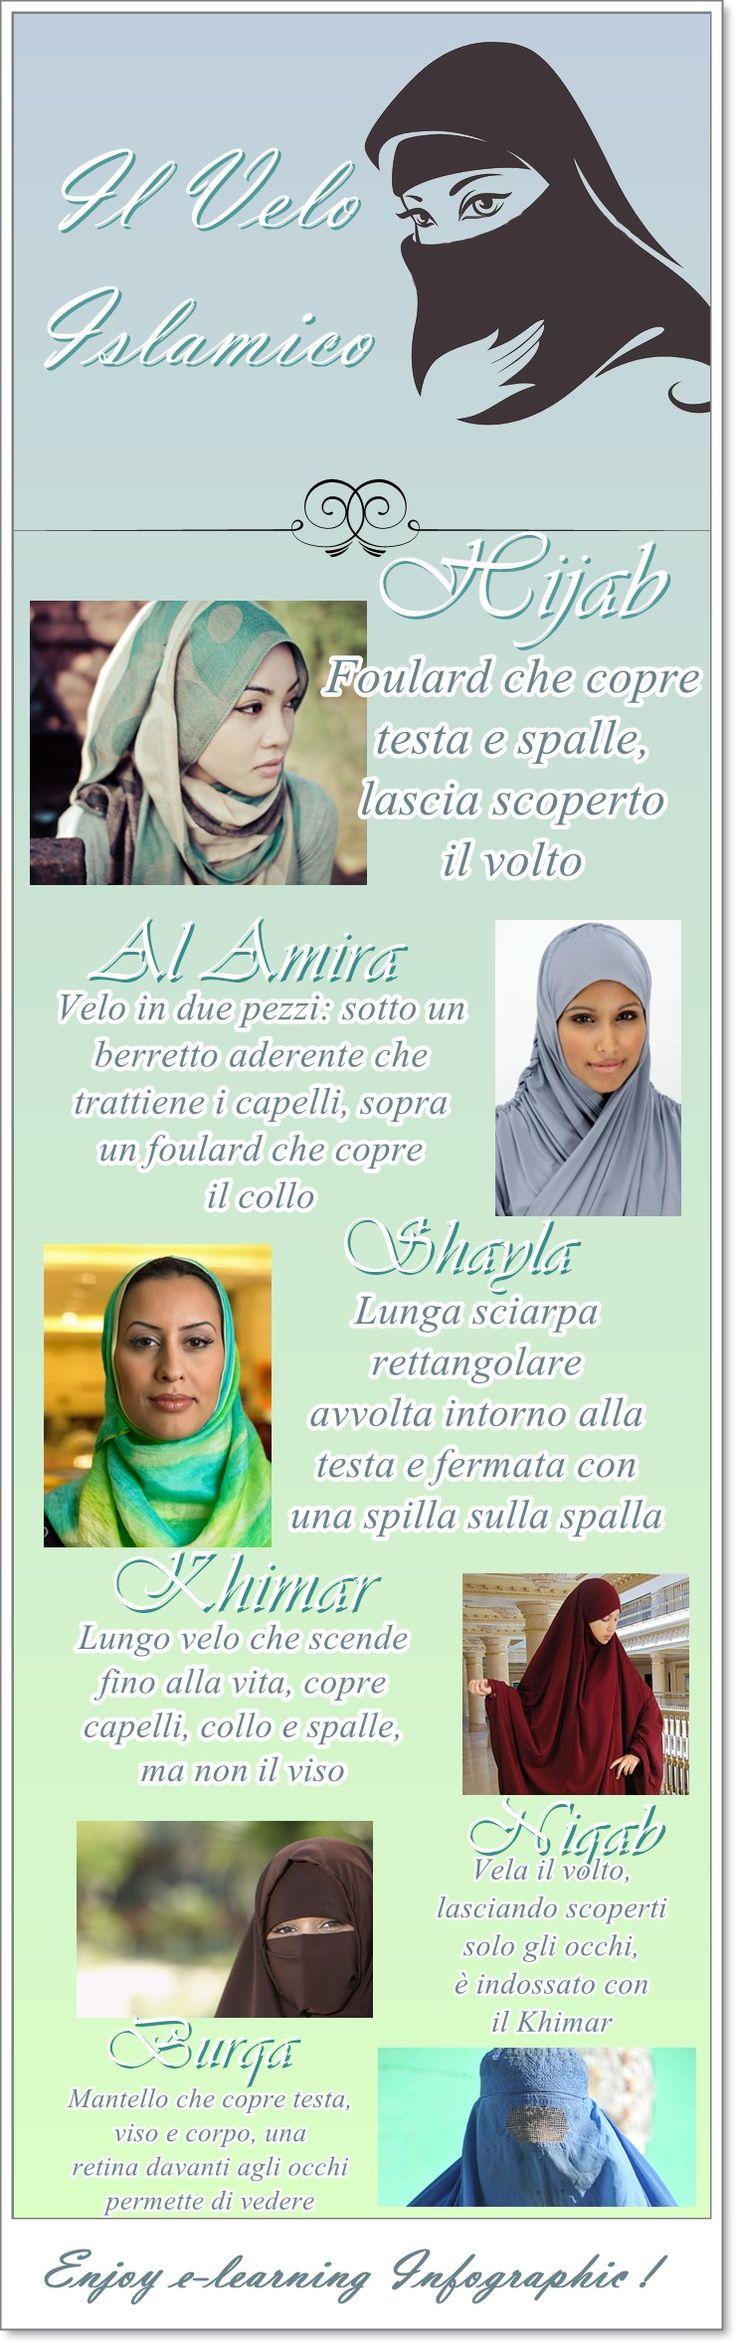 La donna islamica e i vati tipi di velo. #Infografica